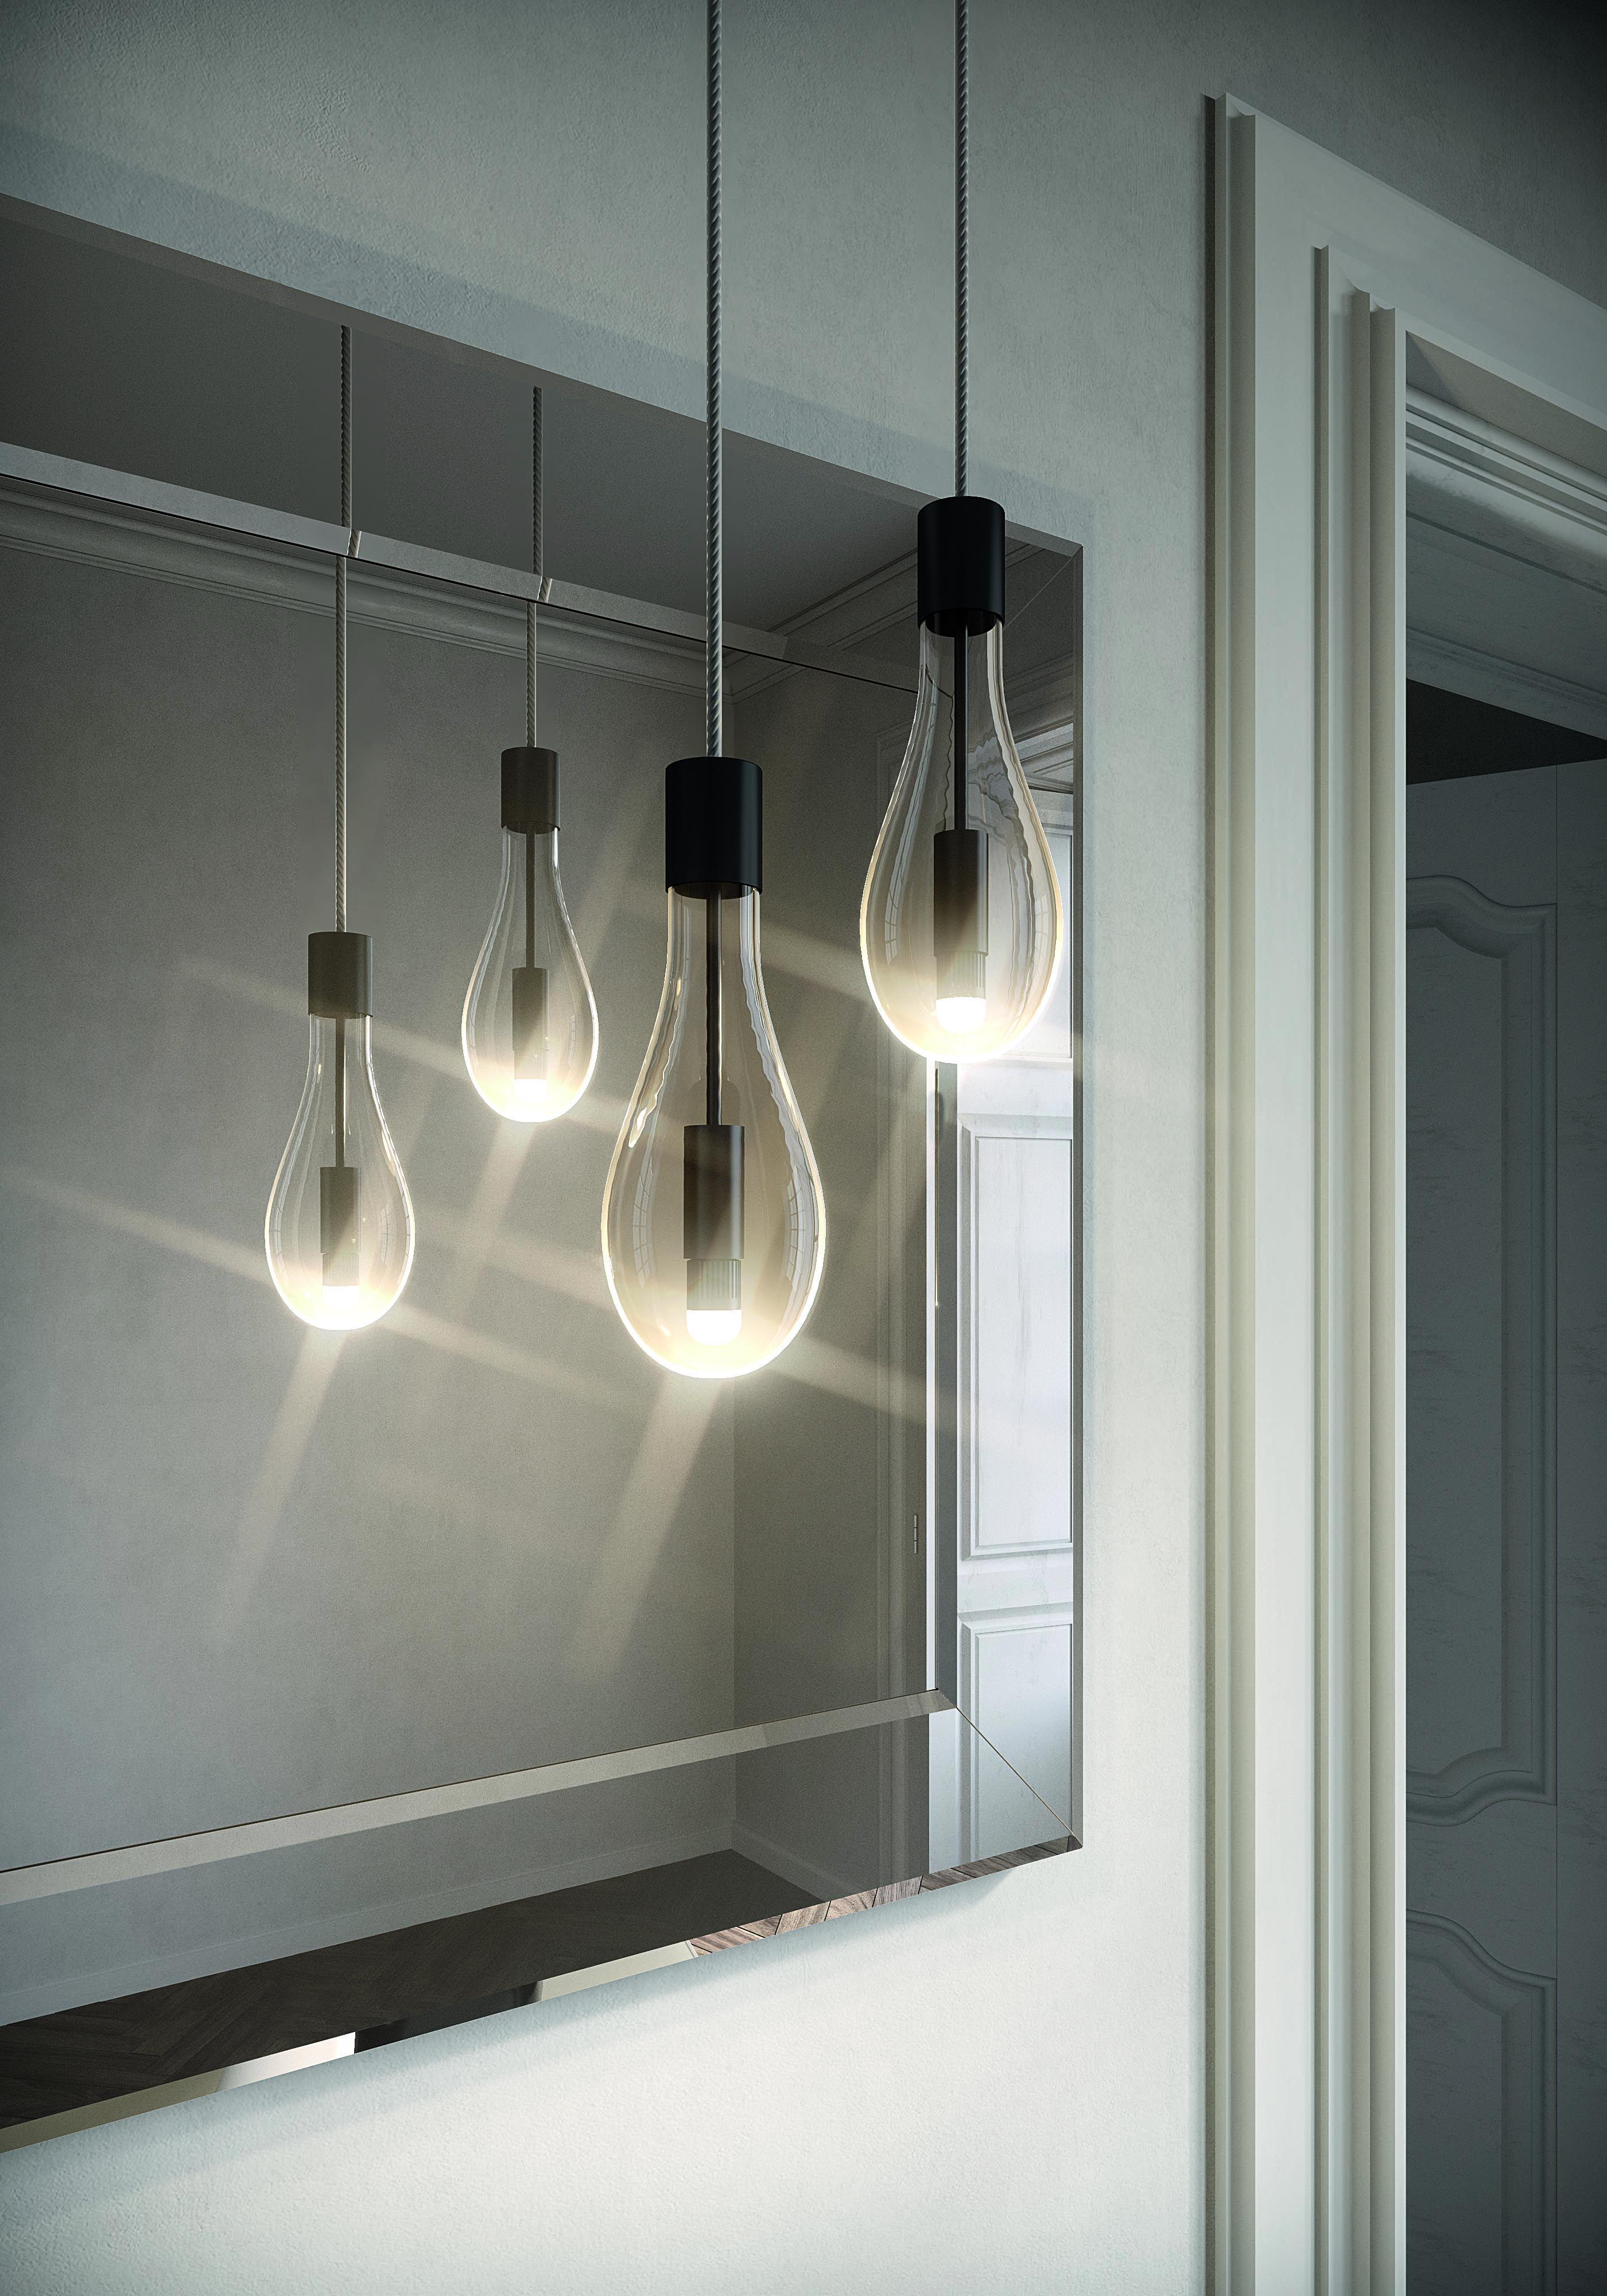 Photo of Detaljer i speil og belysning for Dolcevita-kolleksjonen. Goccia lampe og Prisma …